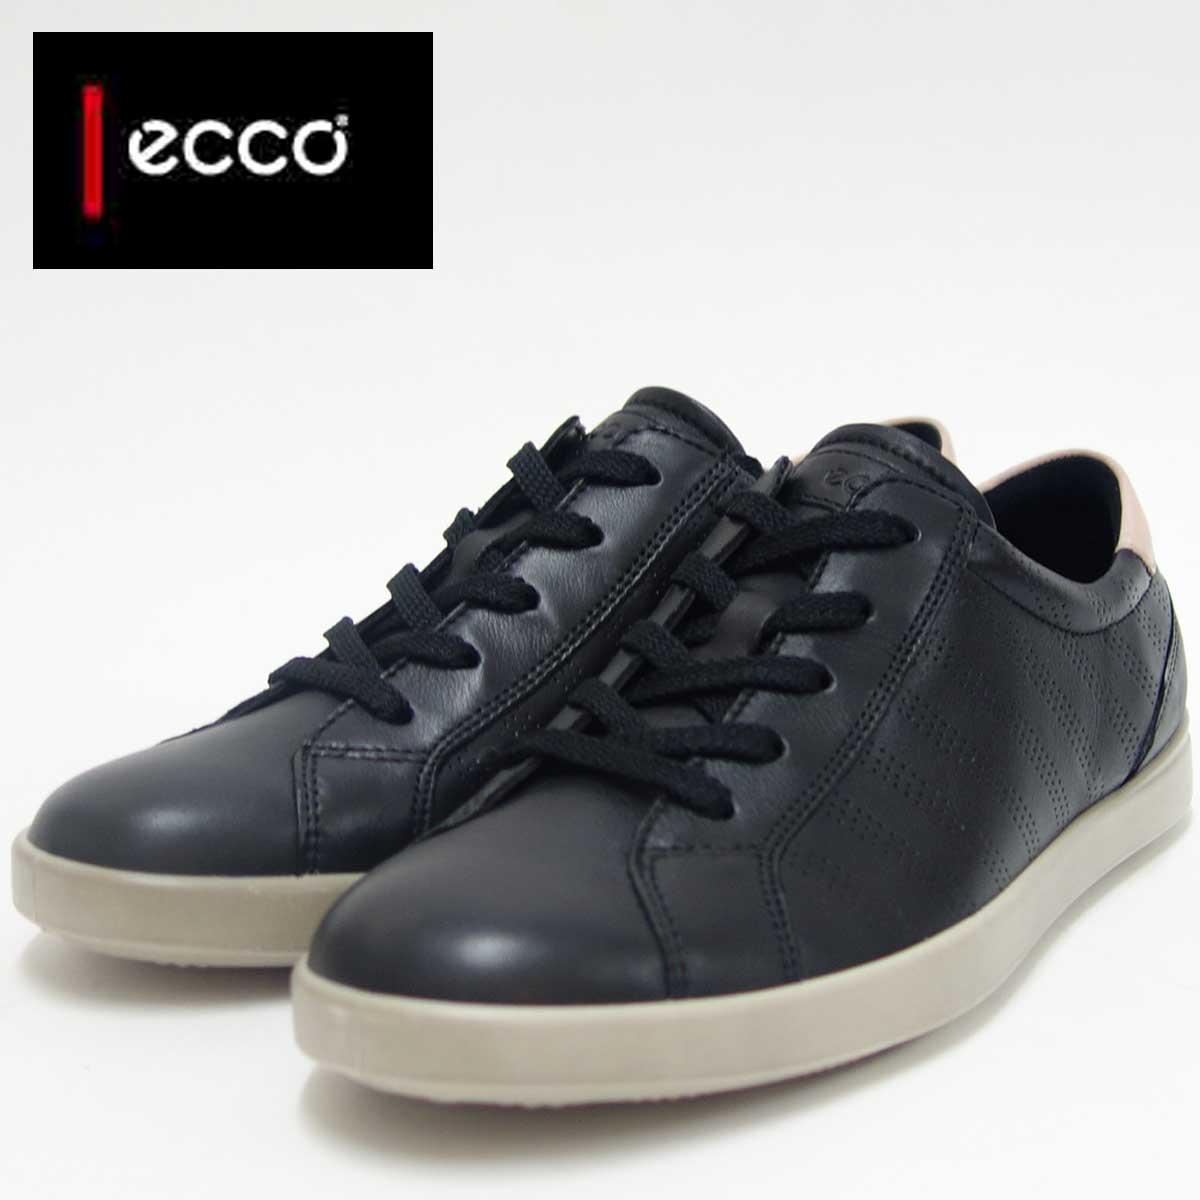 ECCO エコー 241023 ブラック(レディース)上質レザーレースアップシューズお洒落カジュアル&ウォーキング天然皮革コンフォートシューズ「靴」